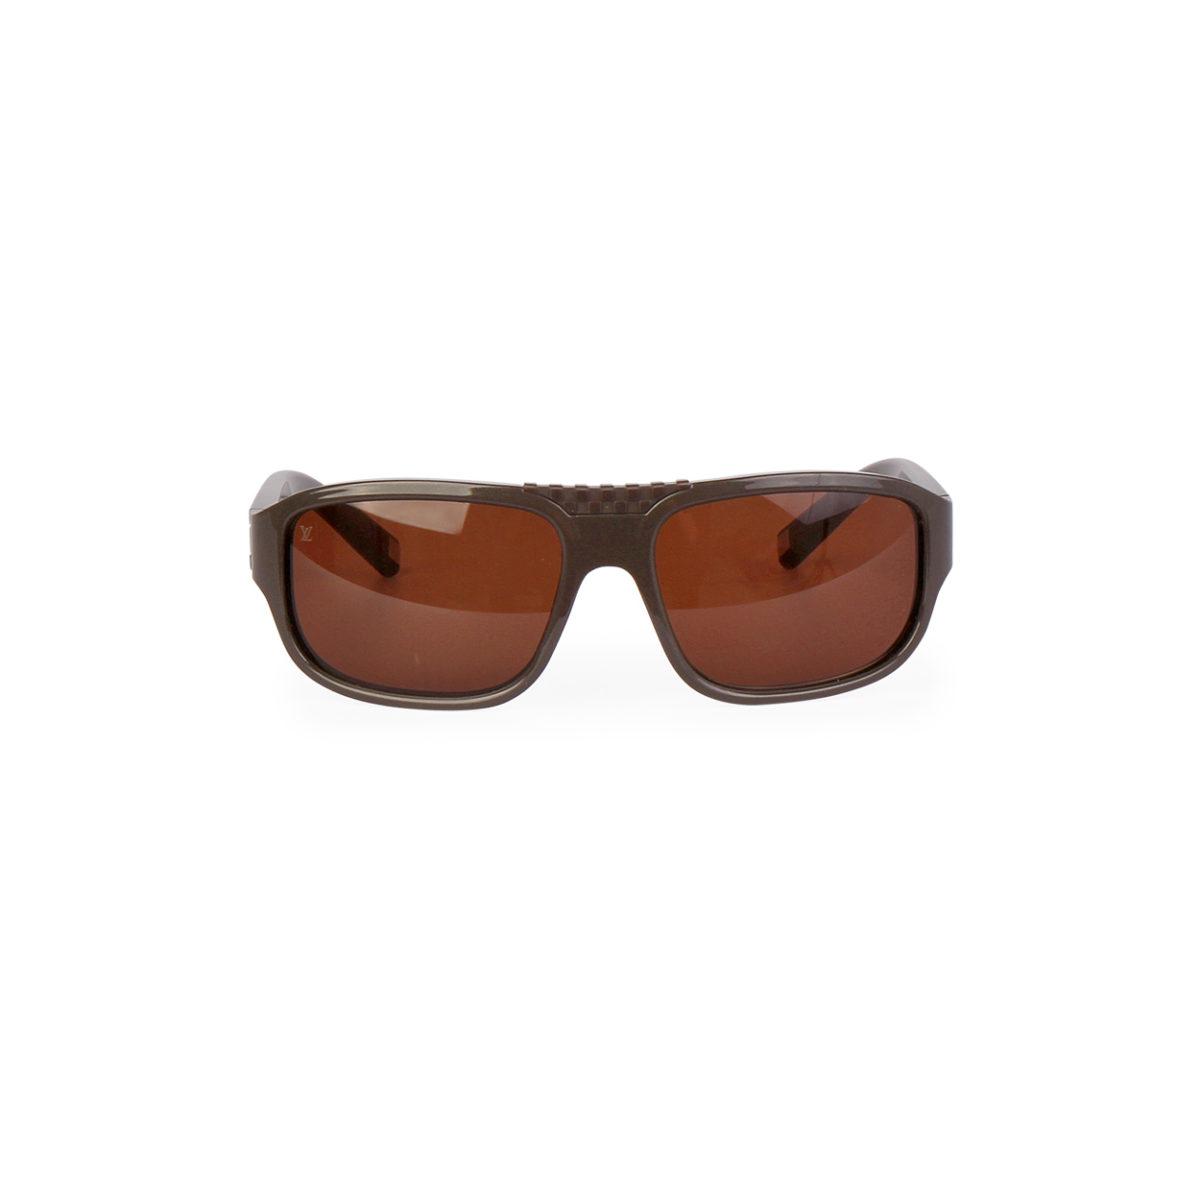 d5b48d68bd154 LOUIS VUITTON Enigme Sunglasses Z0341W Brown